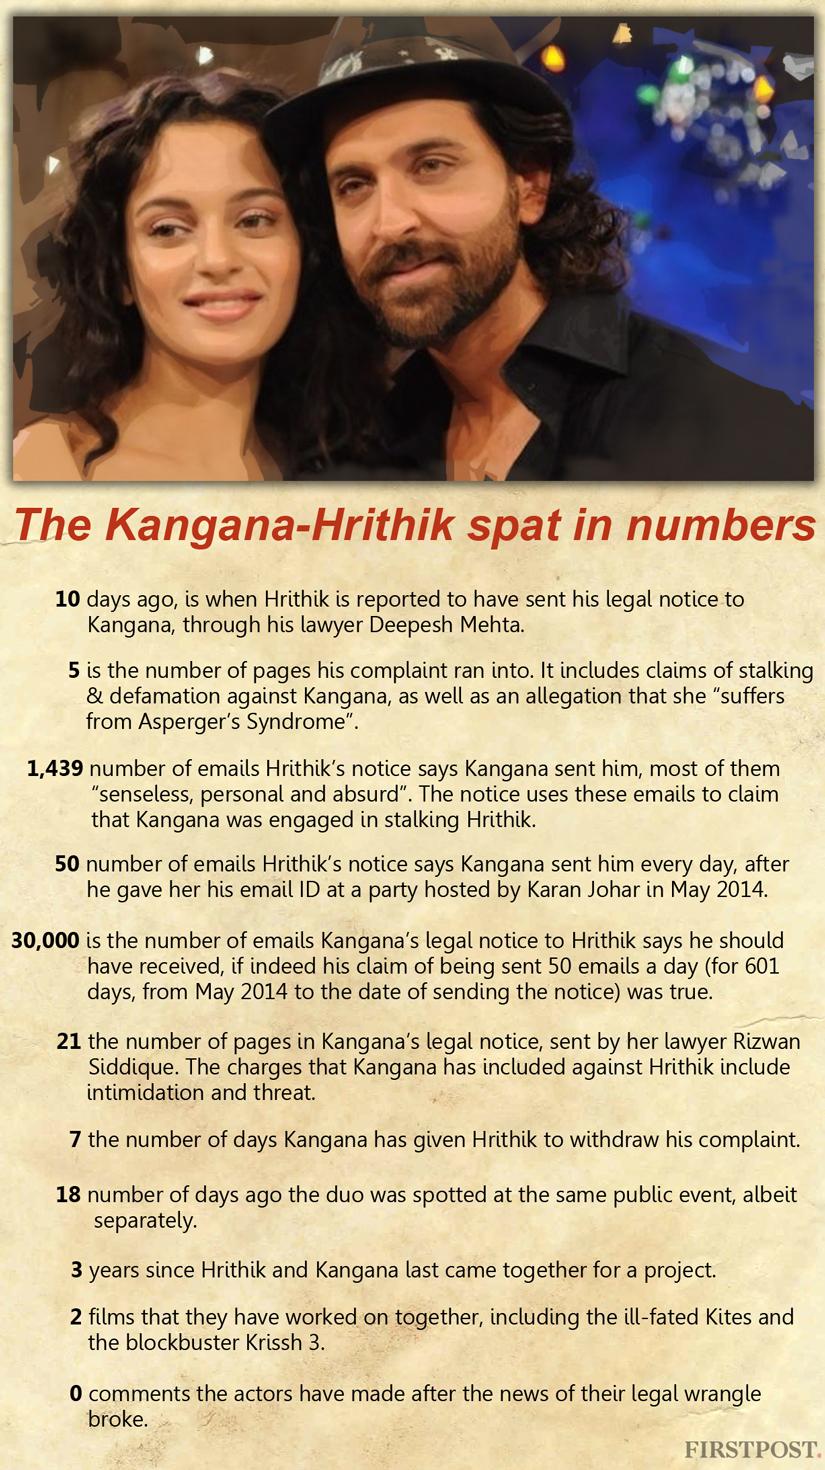 Hrithik_Kangana infographic